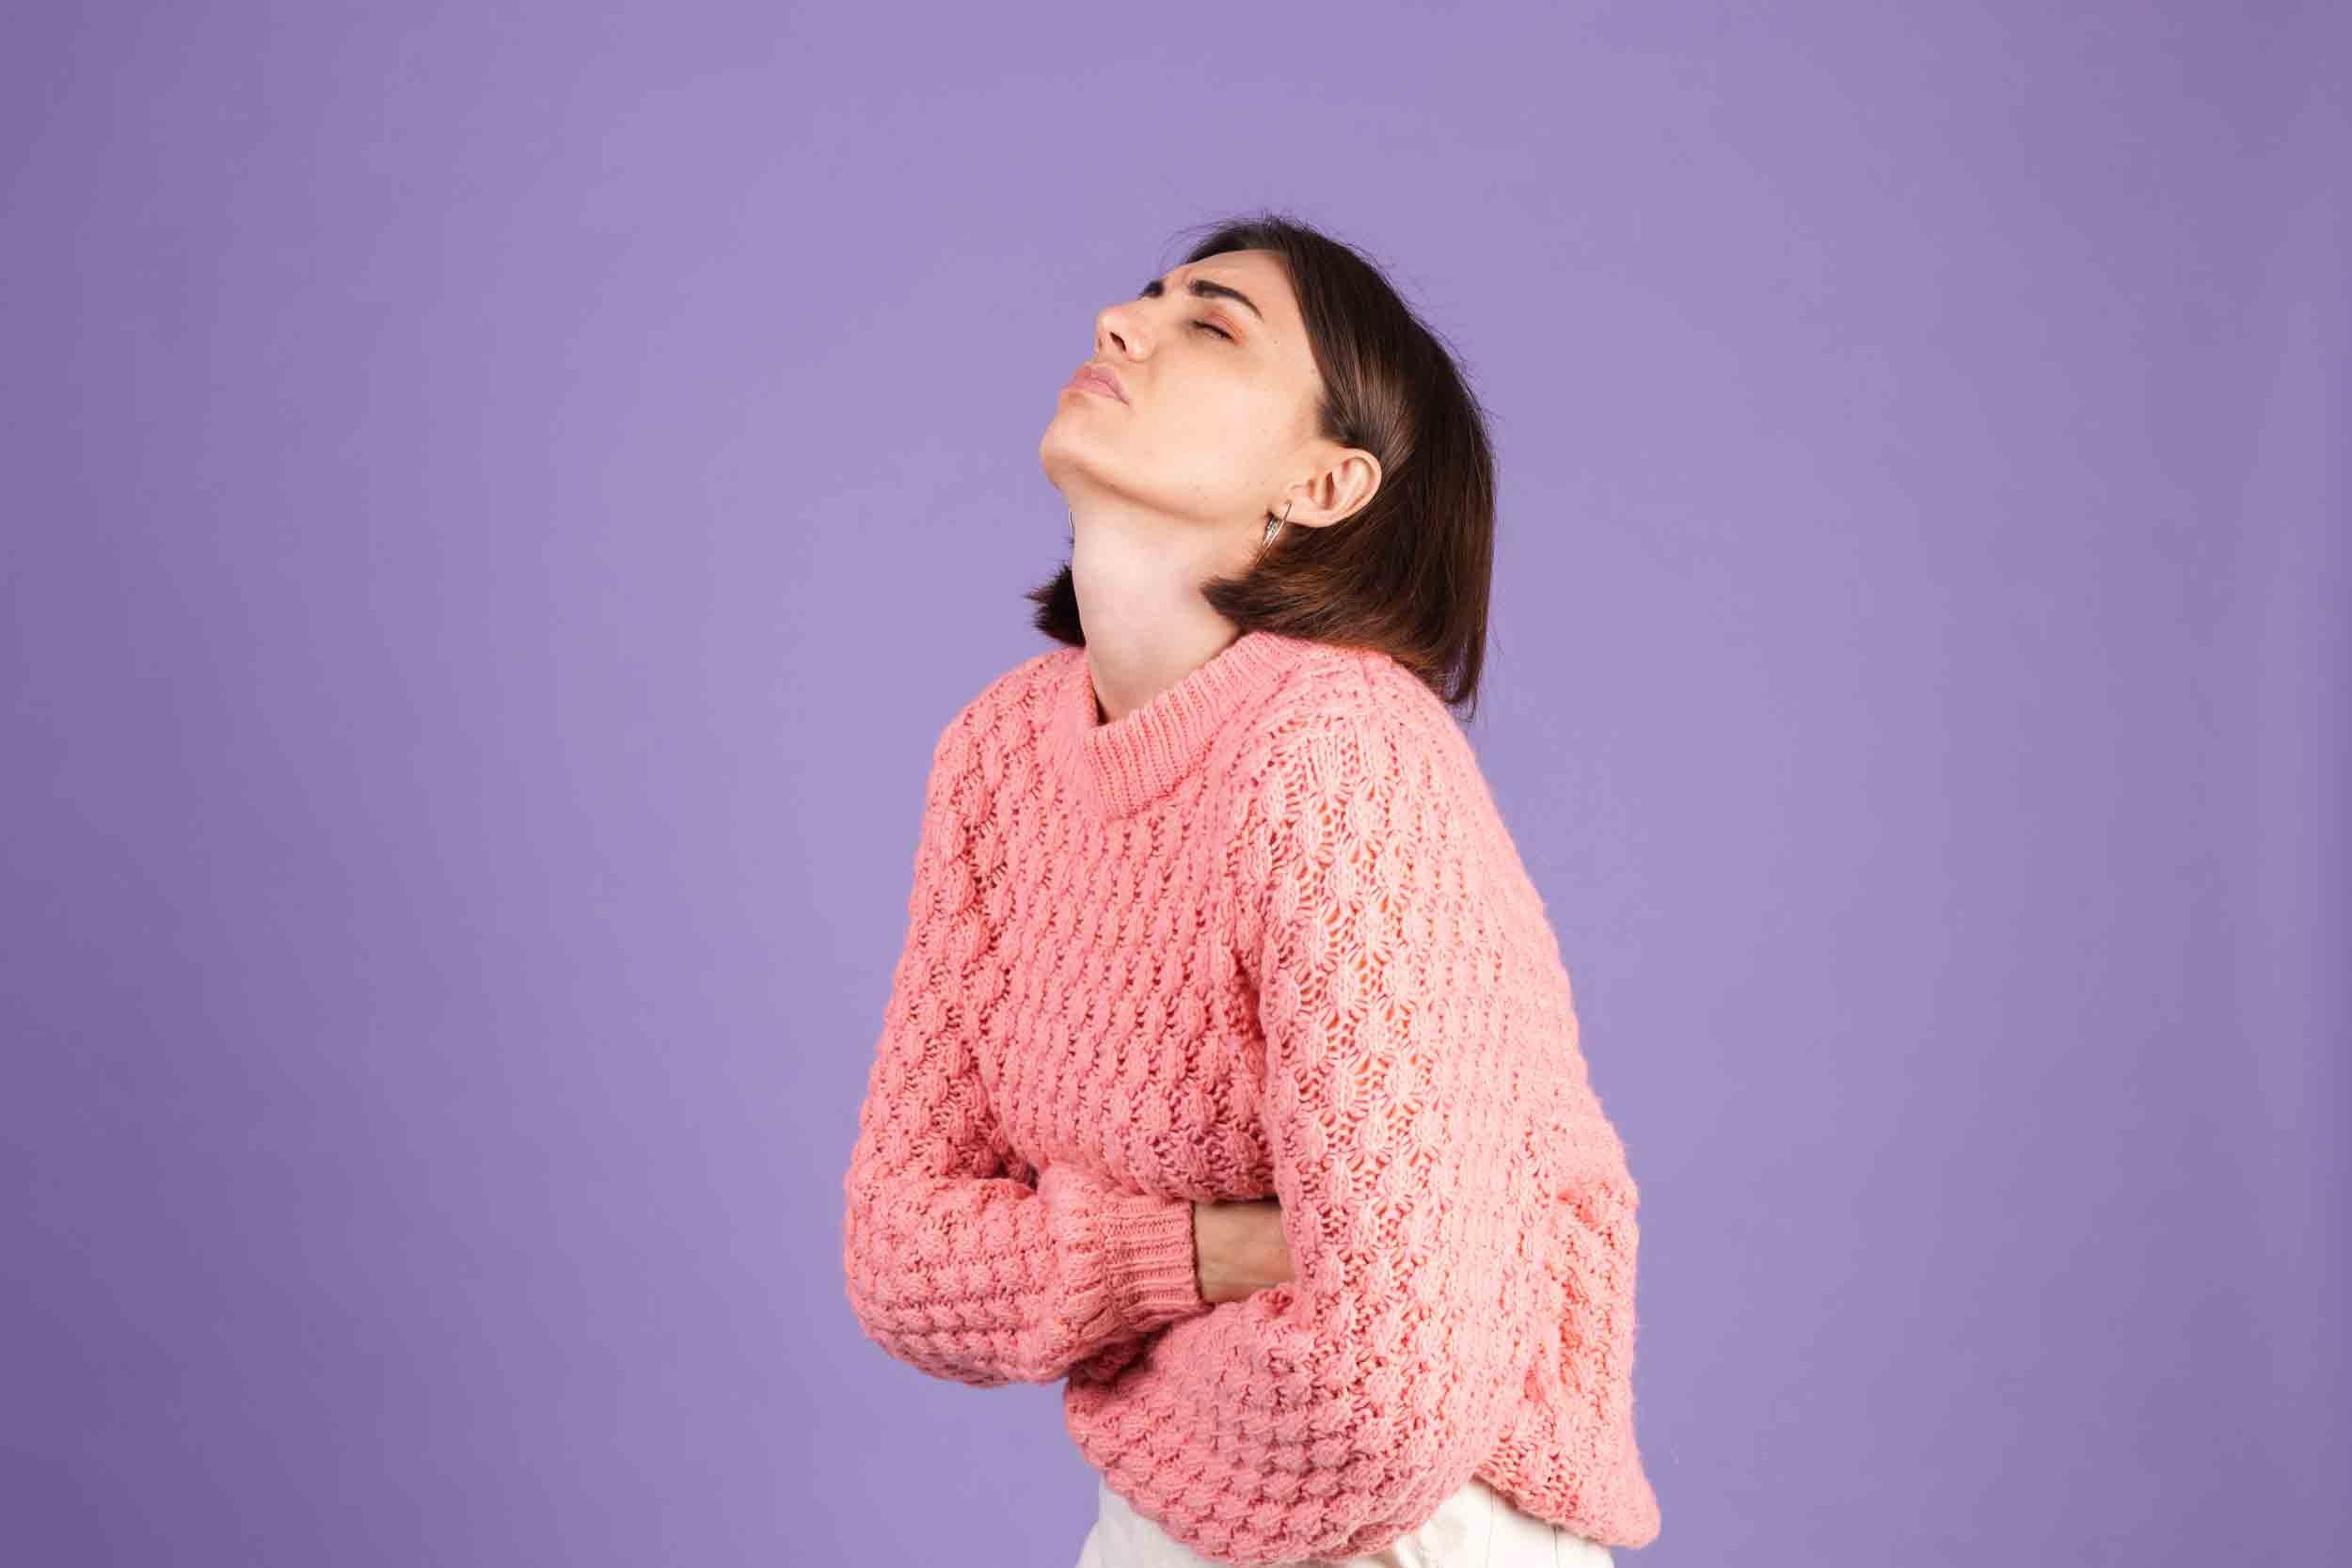 Les douleurs abdominales sont un symptôme de la maladie cœliaque